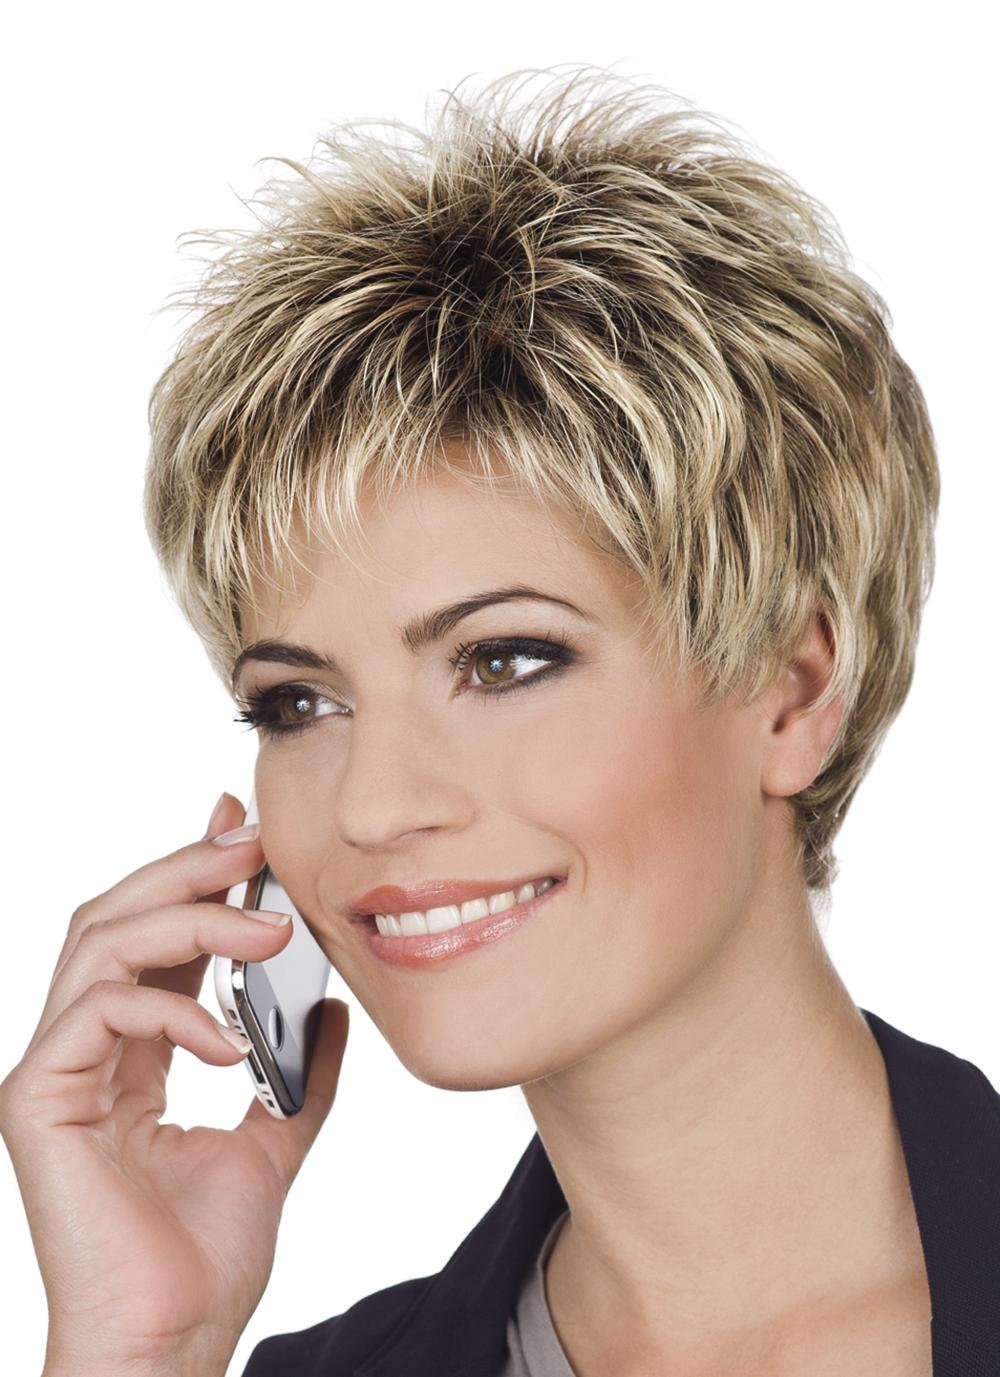 bildergebnis f r kurze graue haare frisuren pinterest kurze graue haare graue haare und grau. Black Bedroom Furniture Sets. Home Design Ideas